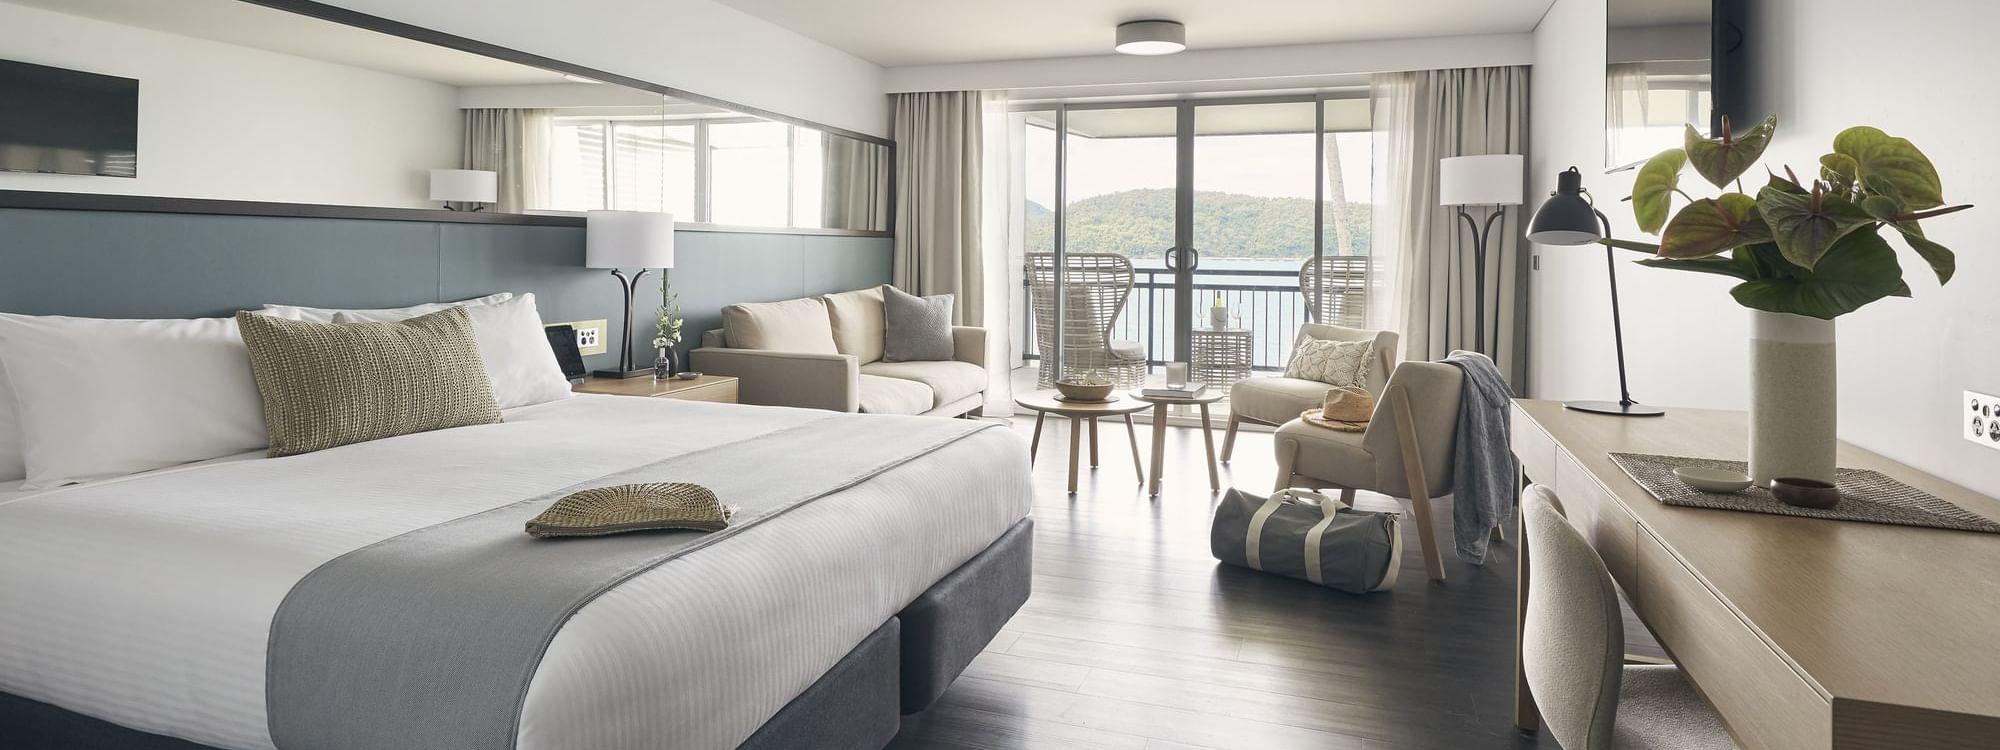 Deluxe Ocean Terrace room at Daydream Island Resort